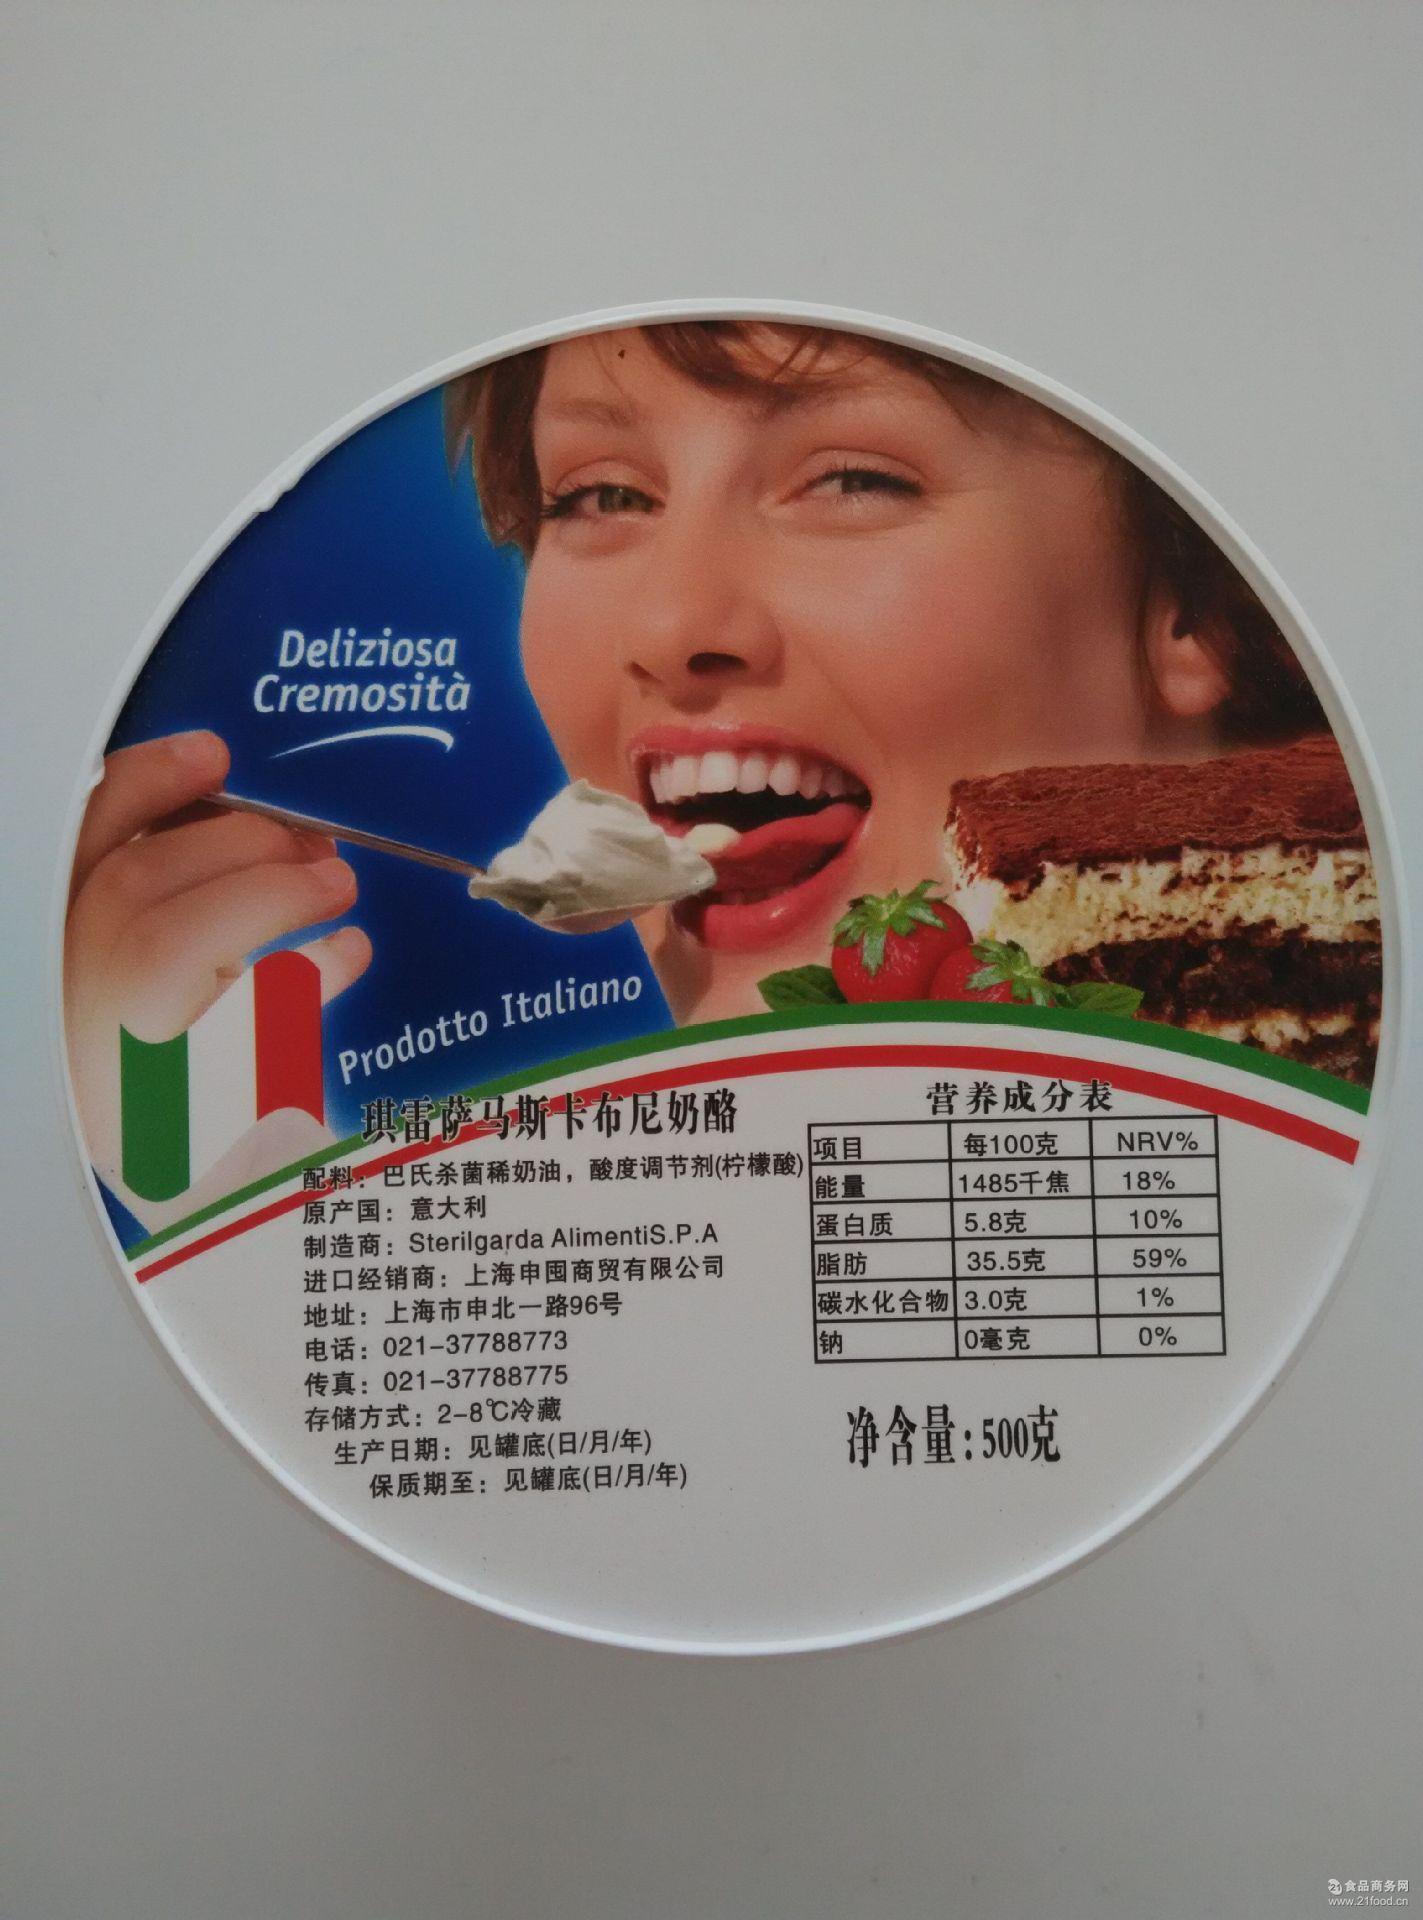 琪雷萨意大利进口琦雷萨马斯卡波尼奶酪500g马斯卡彭提拉米苏原料